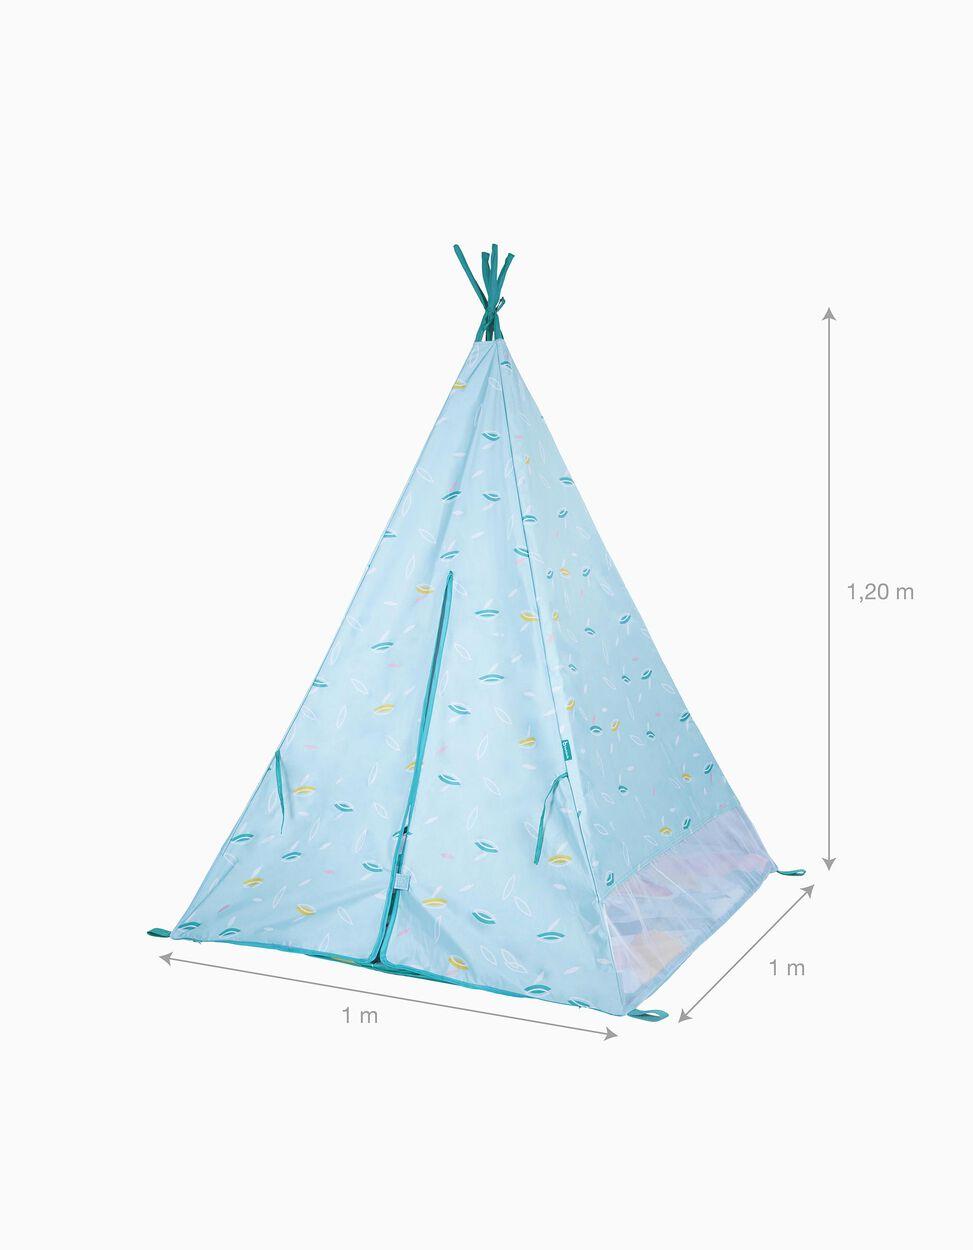 Tenda Tipi Uv50 Badabulle